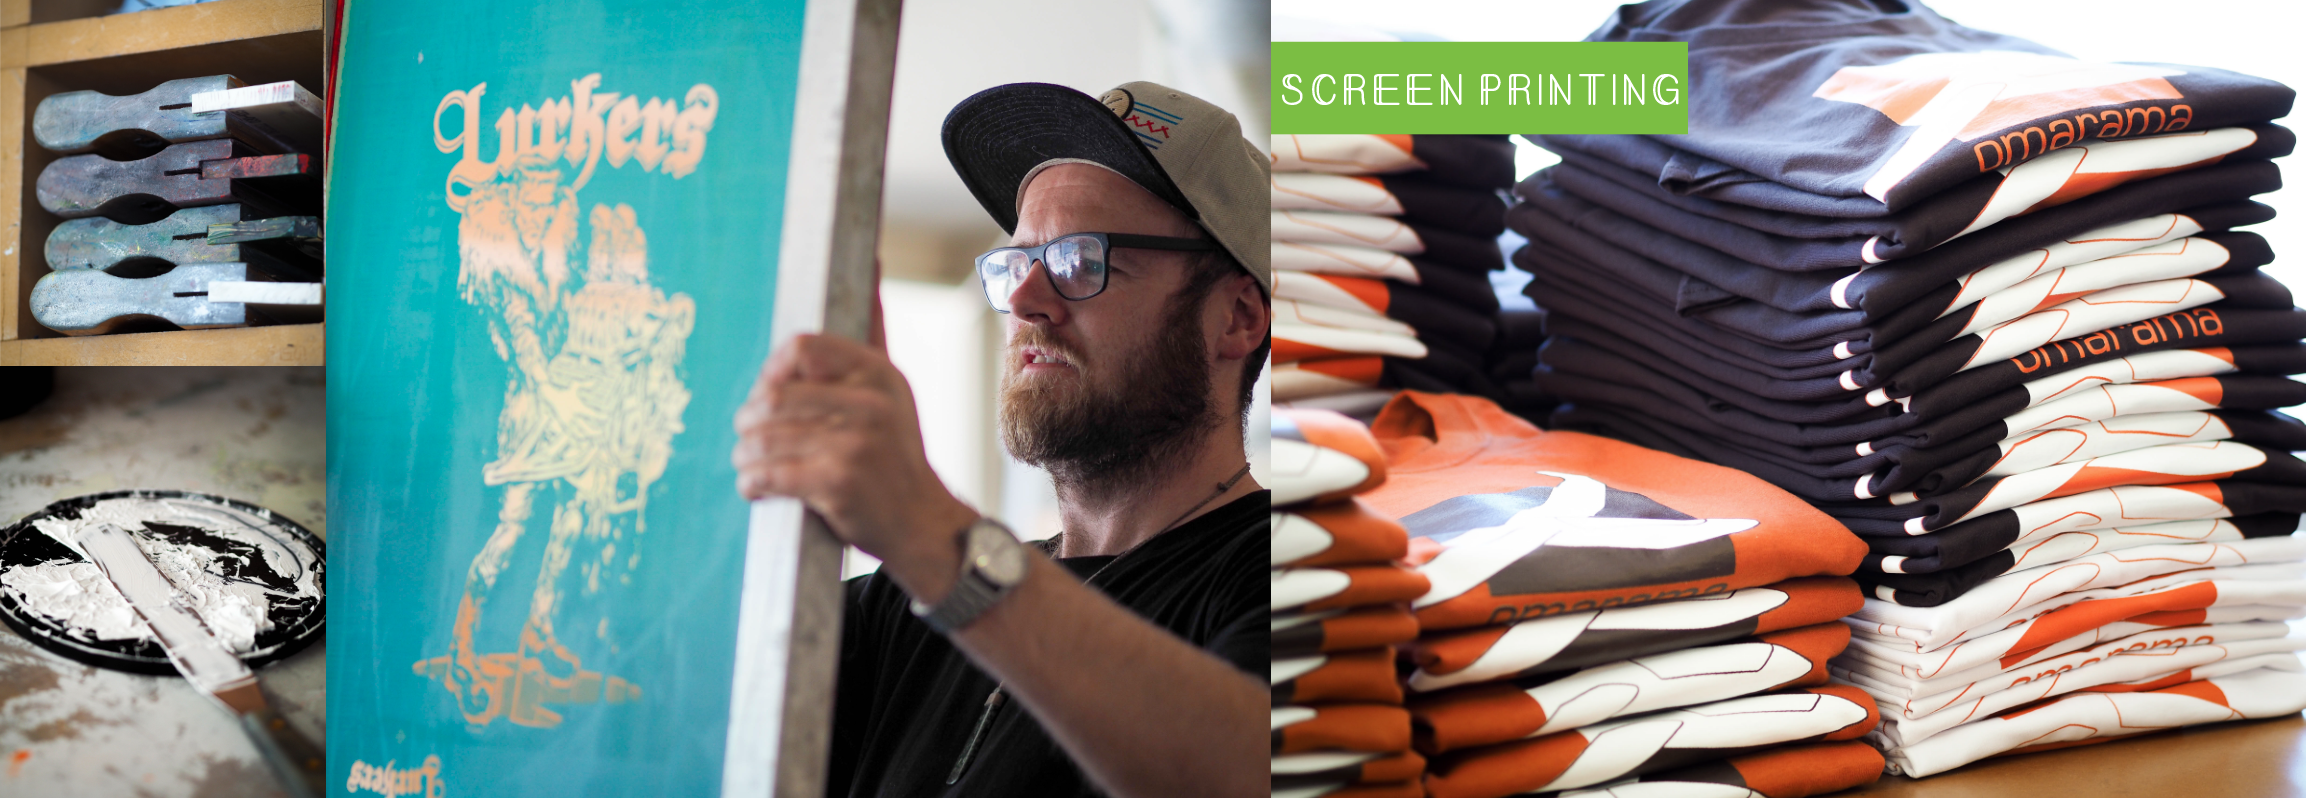 Impact Print - Screen Printing